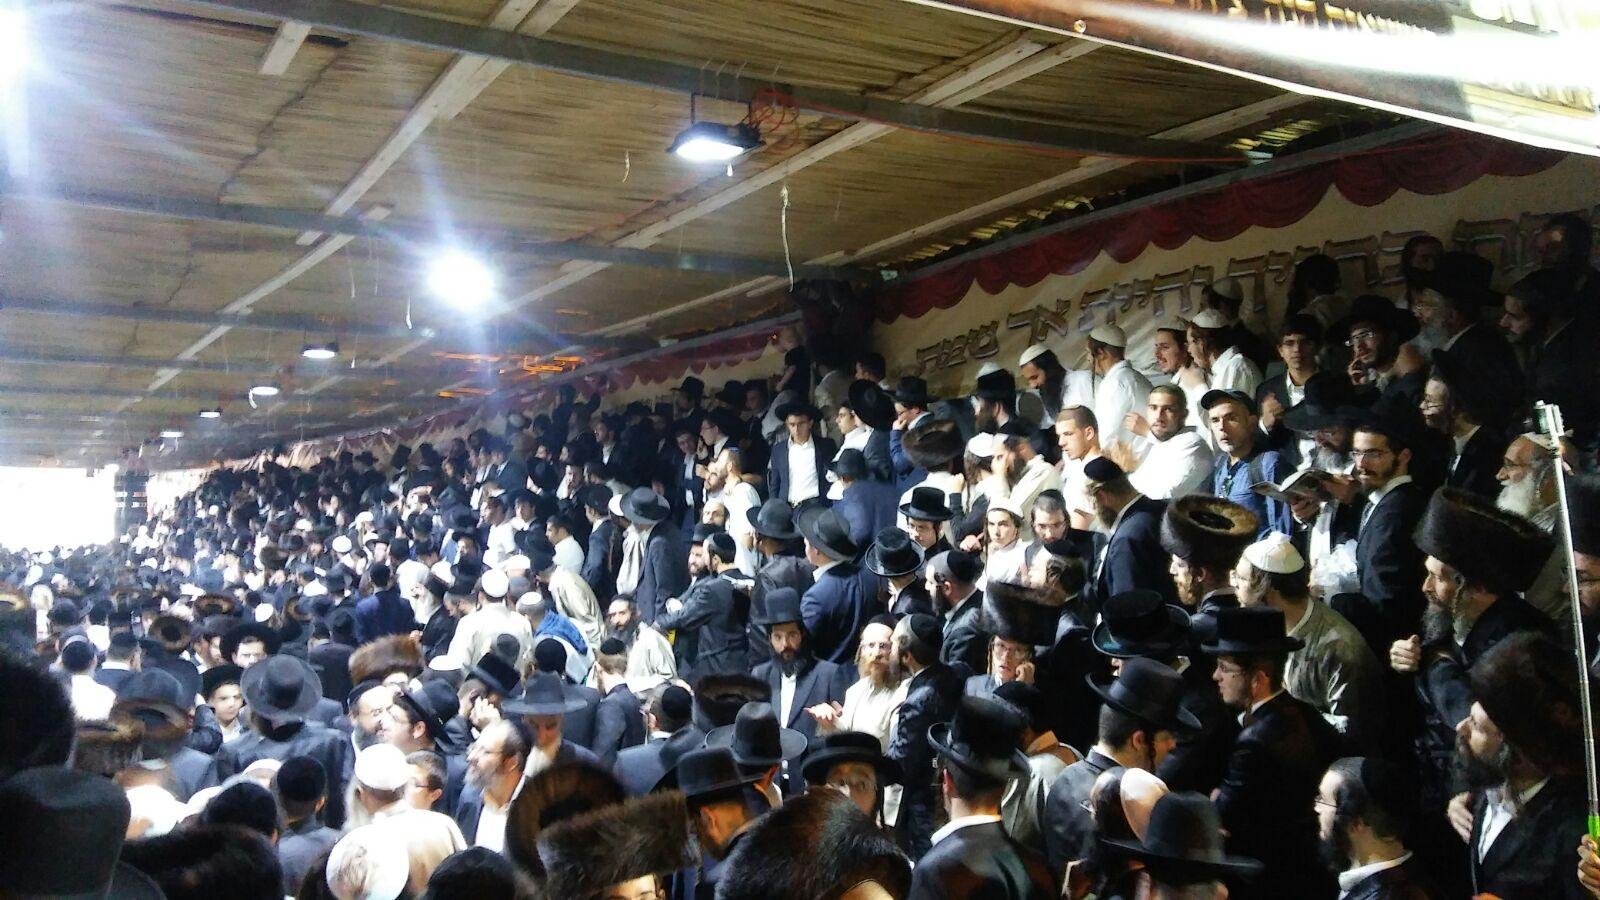 צפו: אלפים חוגגים אצל הרב ברלנד